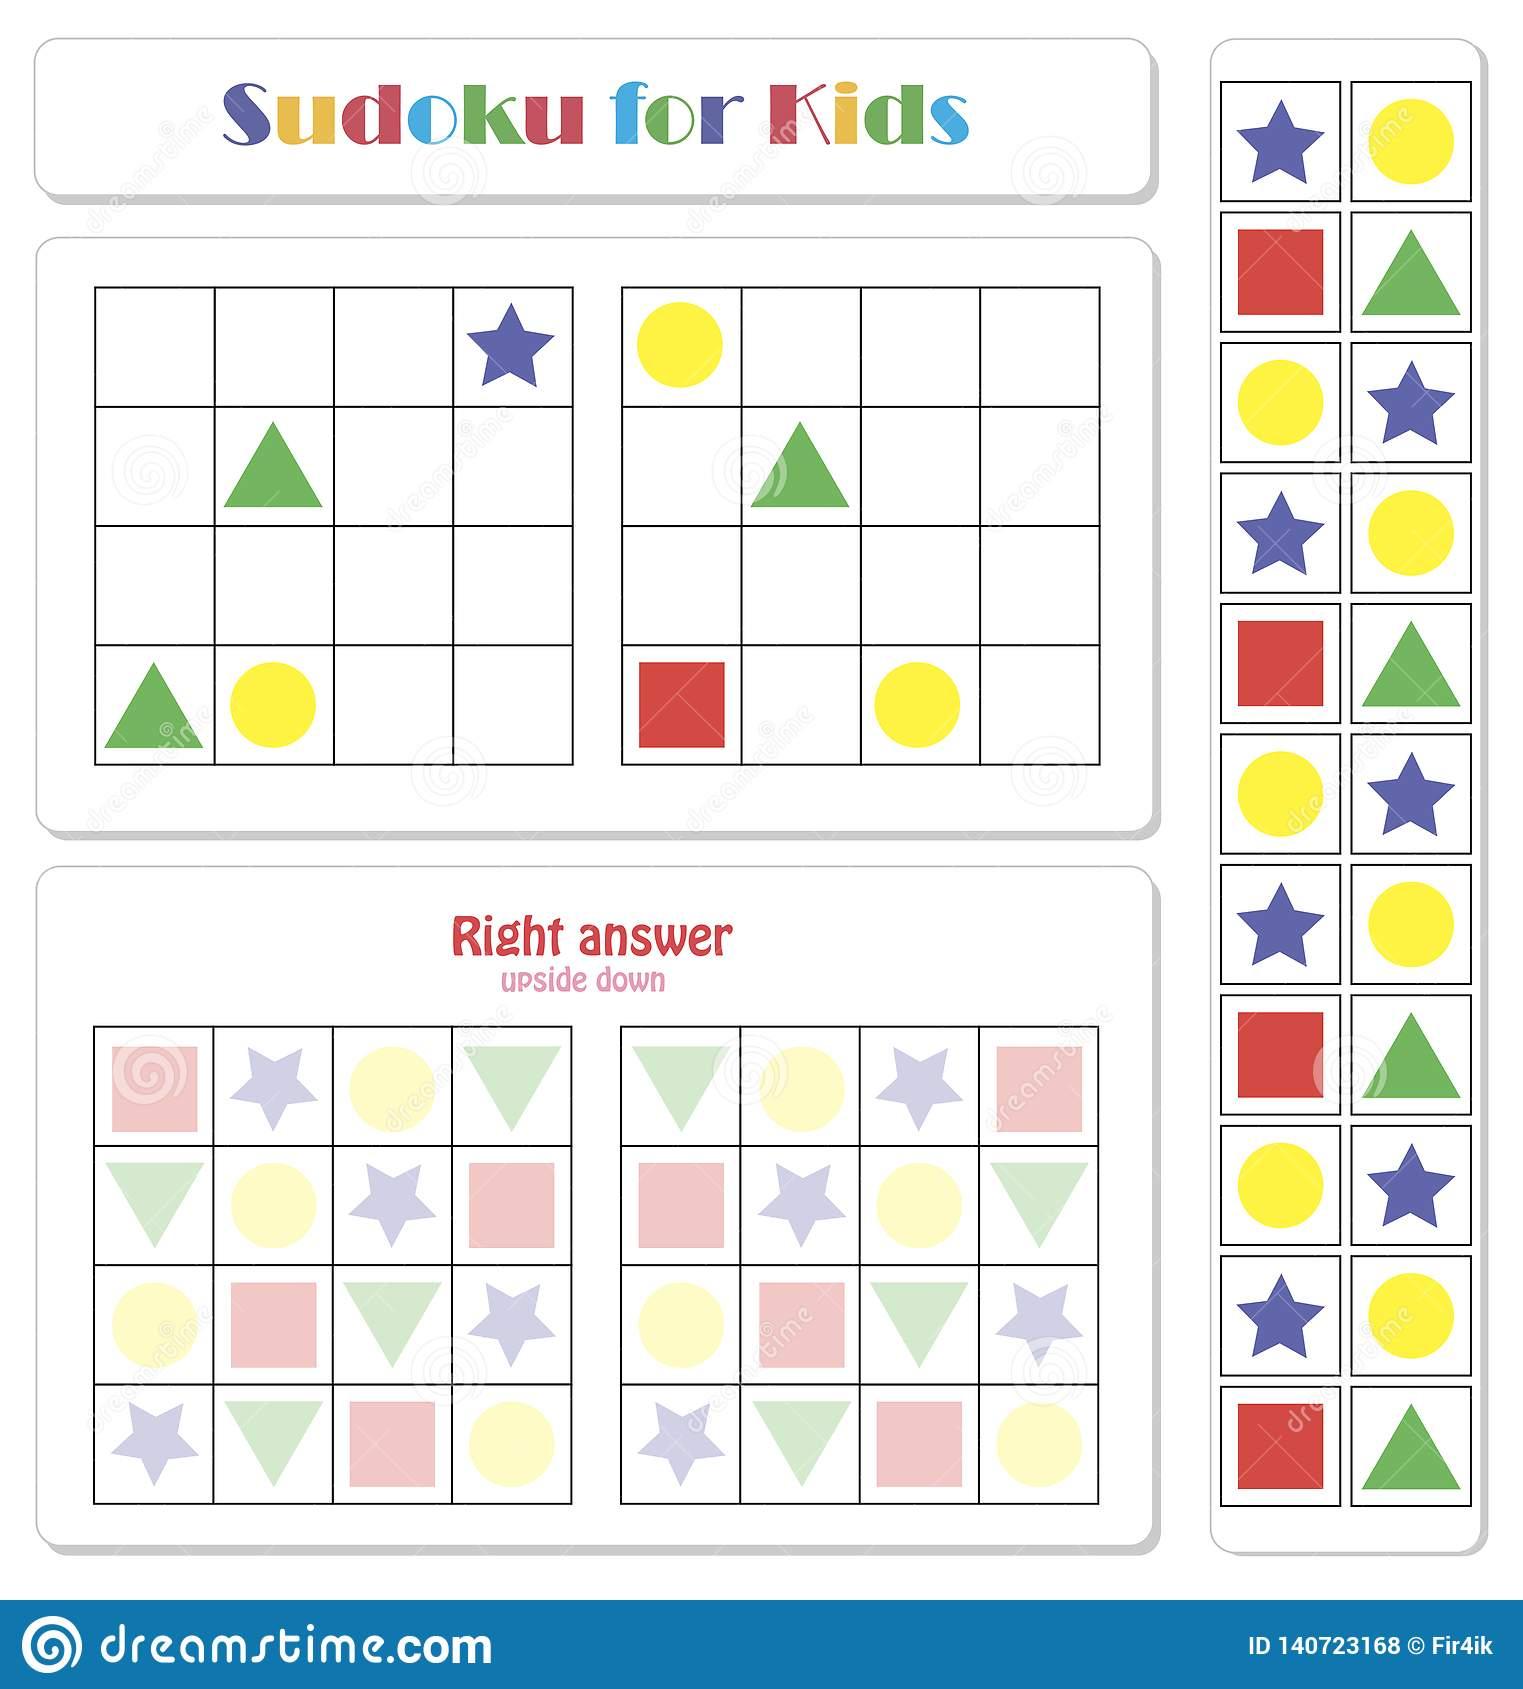 Sudoku Pour Des Enfants Avec Les Figures Géométriques intérieur Sudoku Pour Enfant